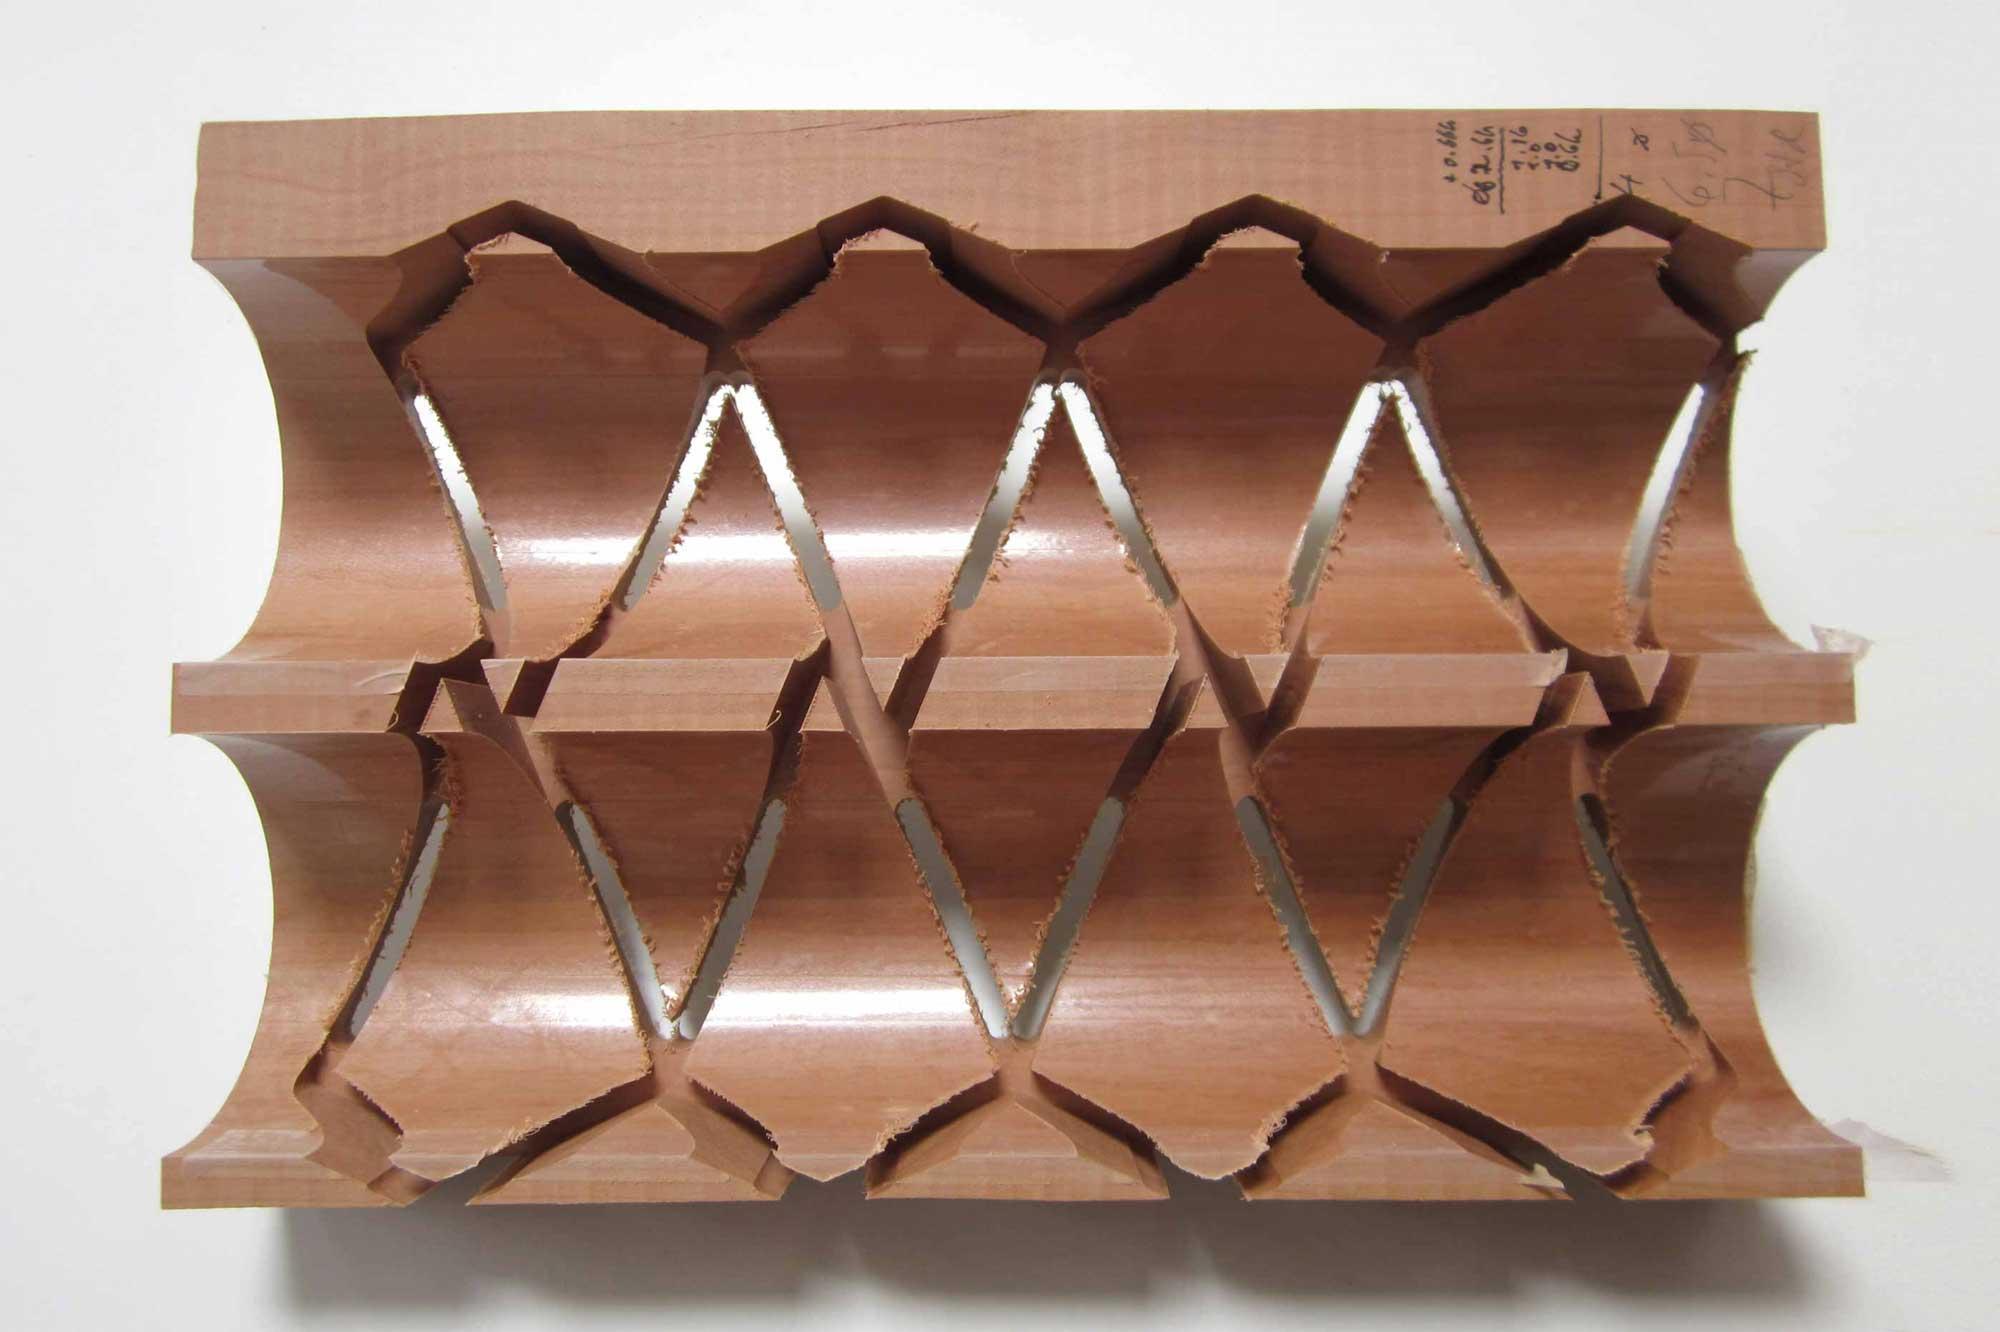 Fräsen der Gewölbesegmente aus einem Massivholzblock